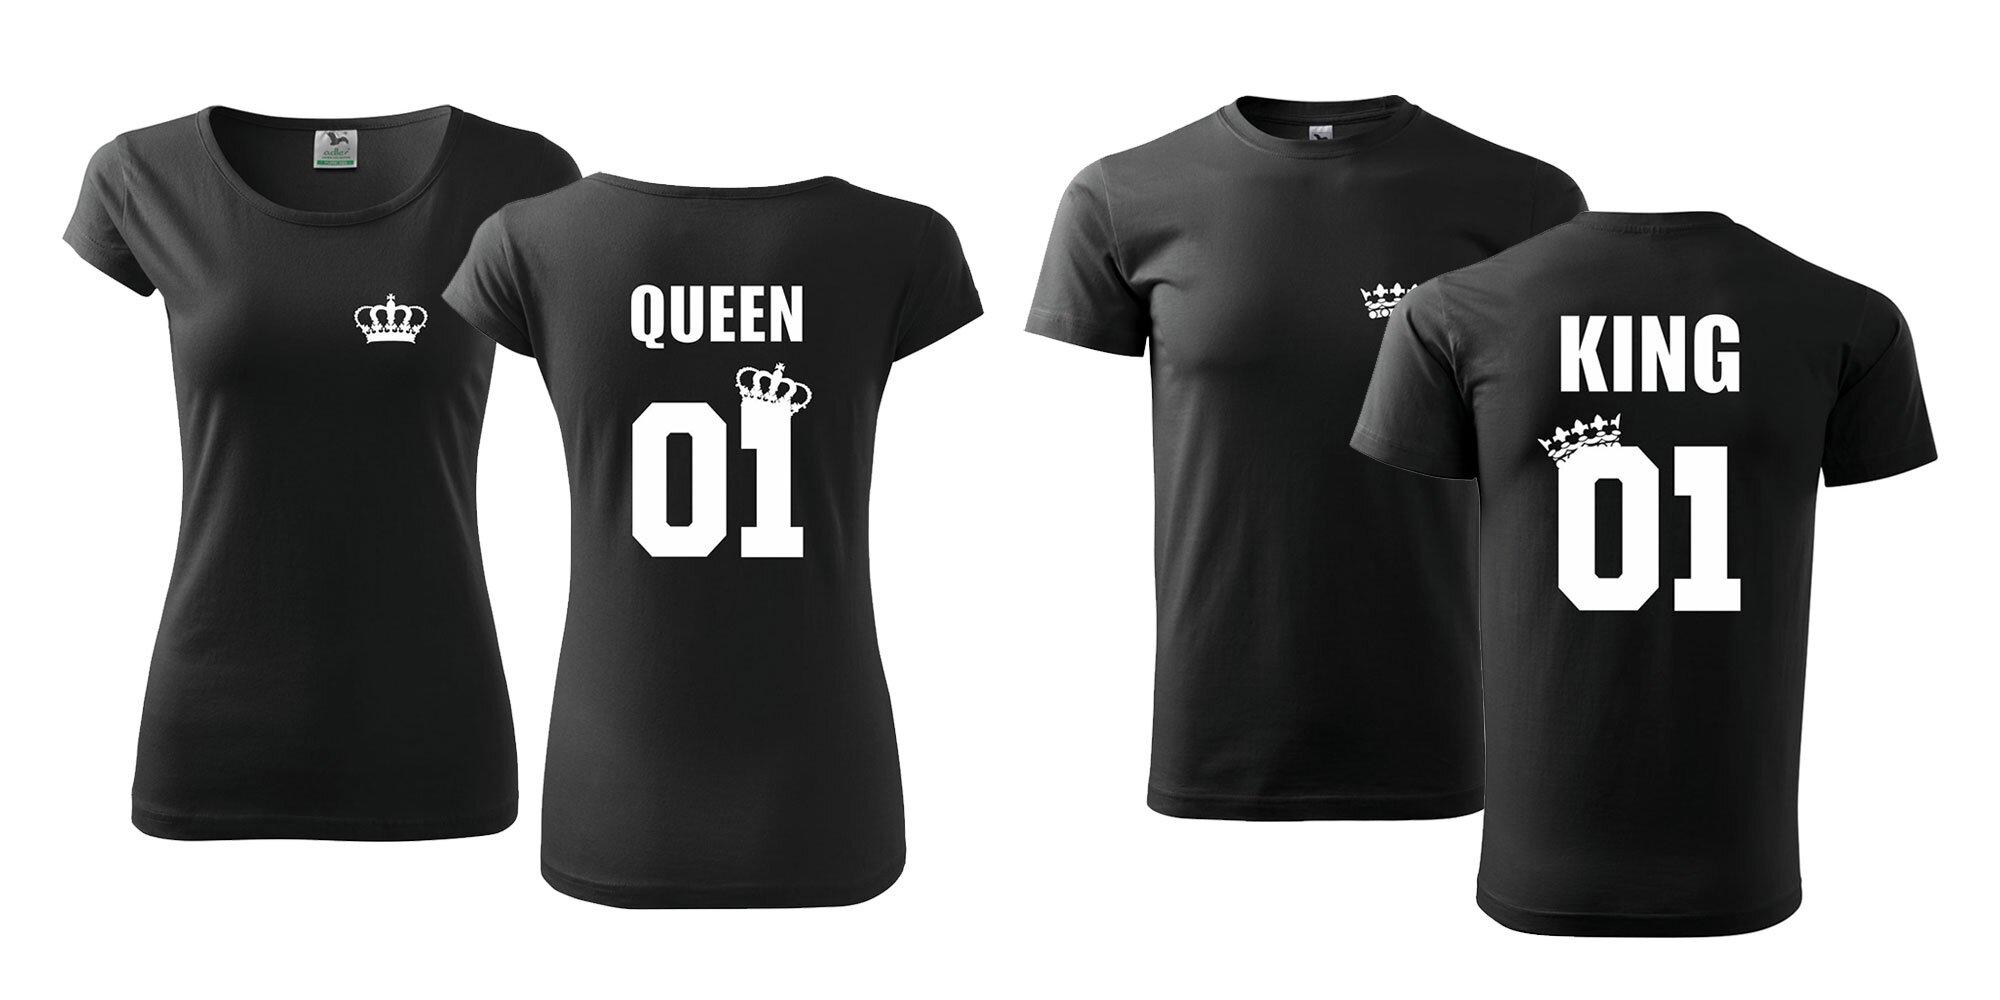 70794b29a090 Párové tričká s potlačou King   Queen pre dospelých a Prince   Princess pre  deti